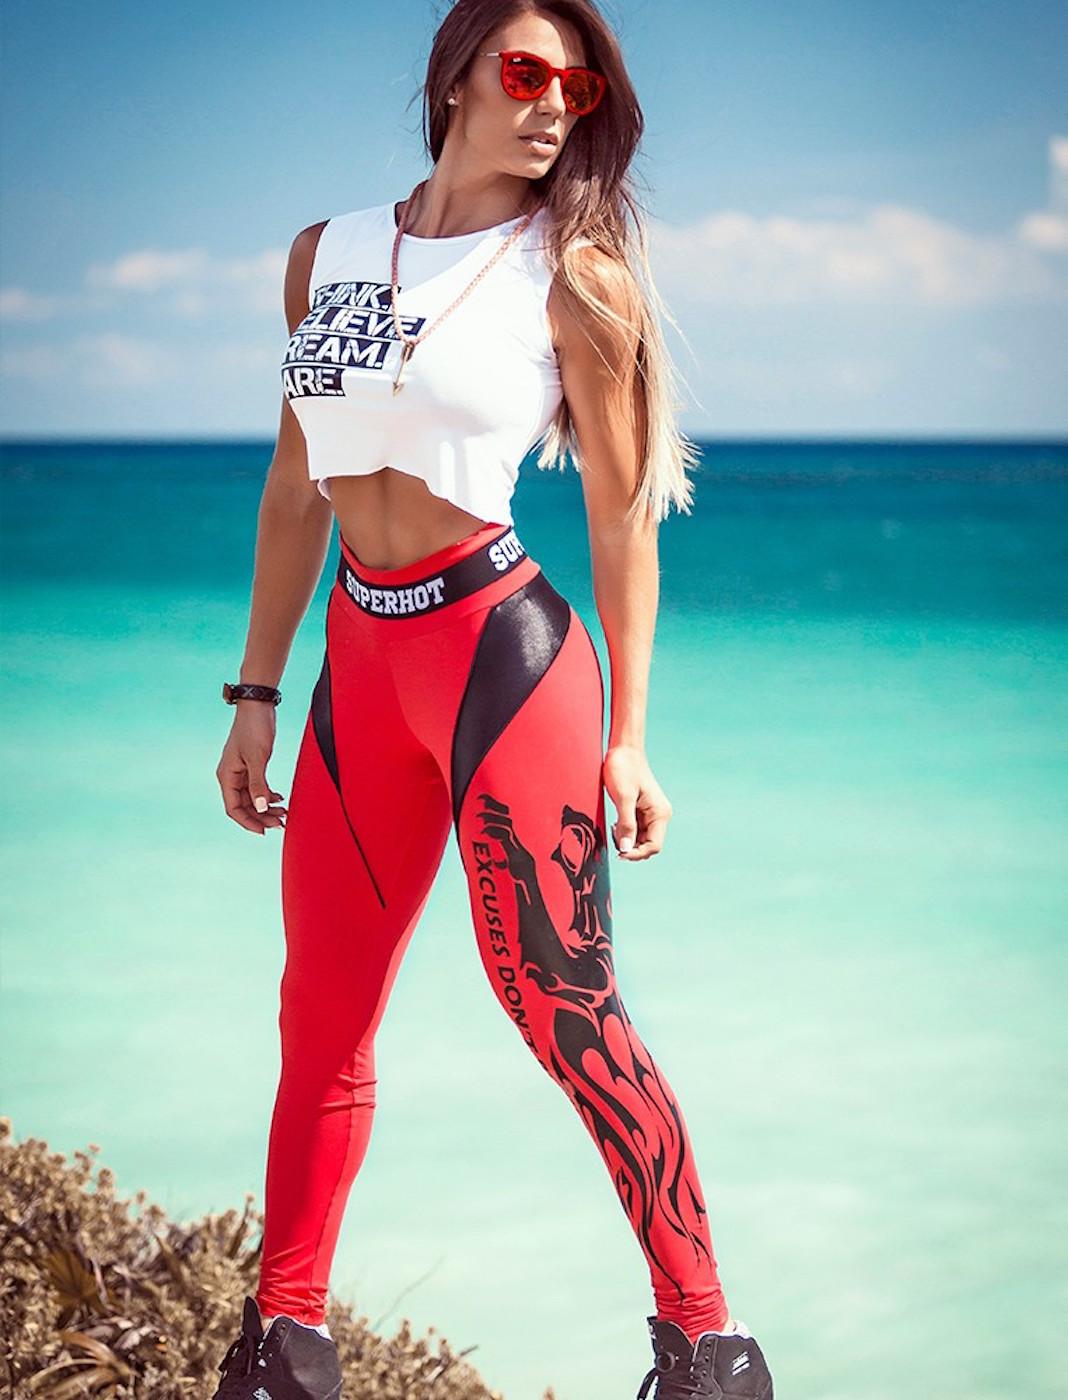 cal701-superhot-brazilactiv-fashion-fitness-wear